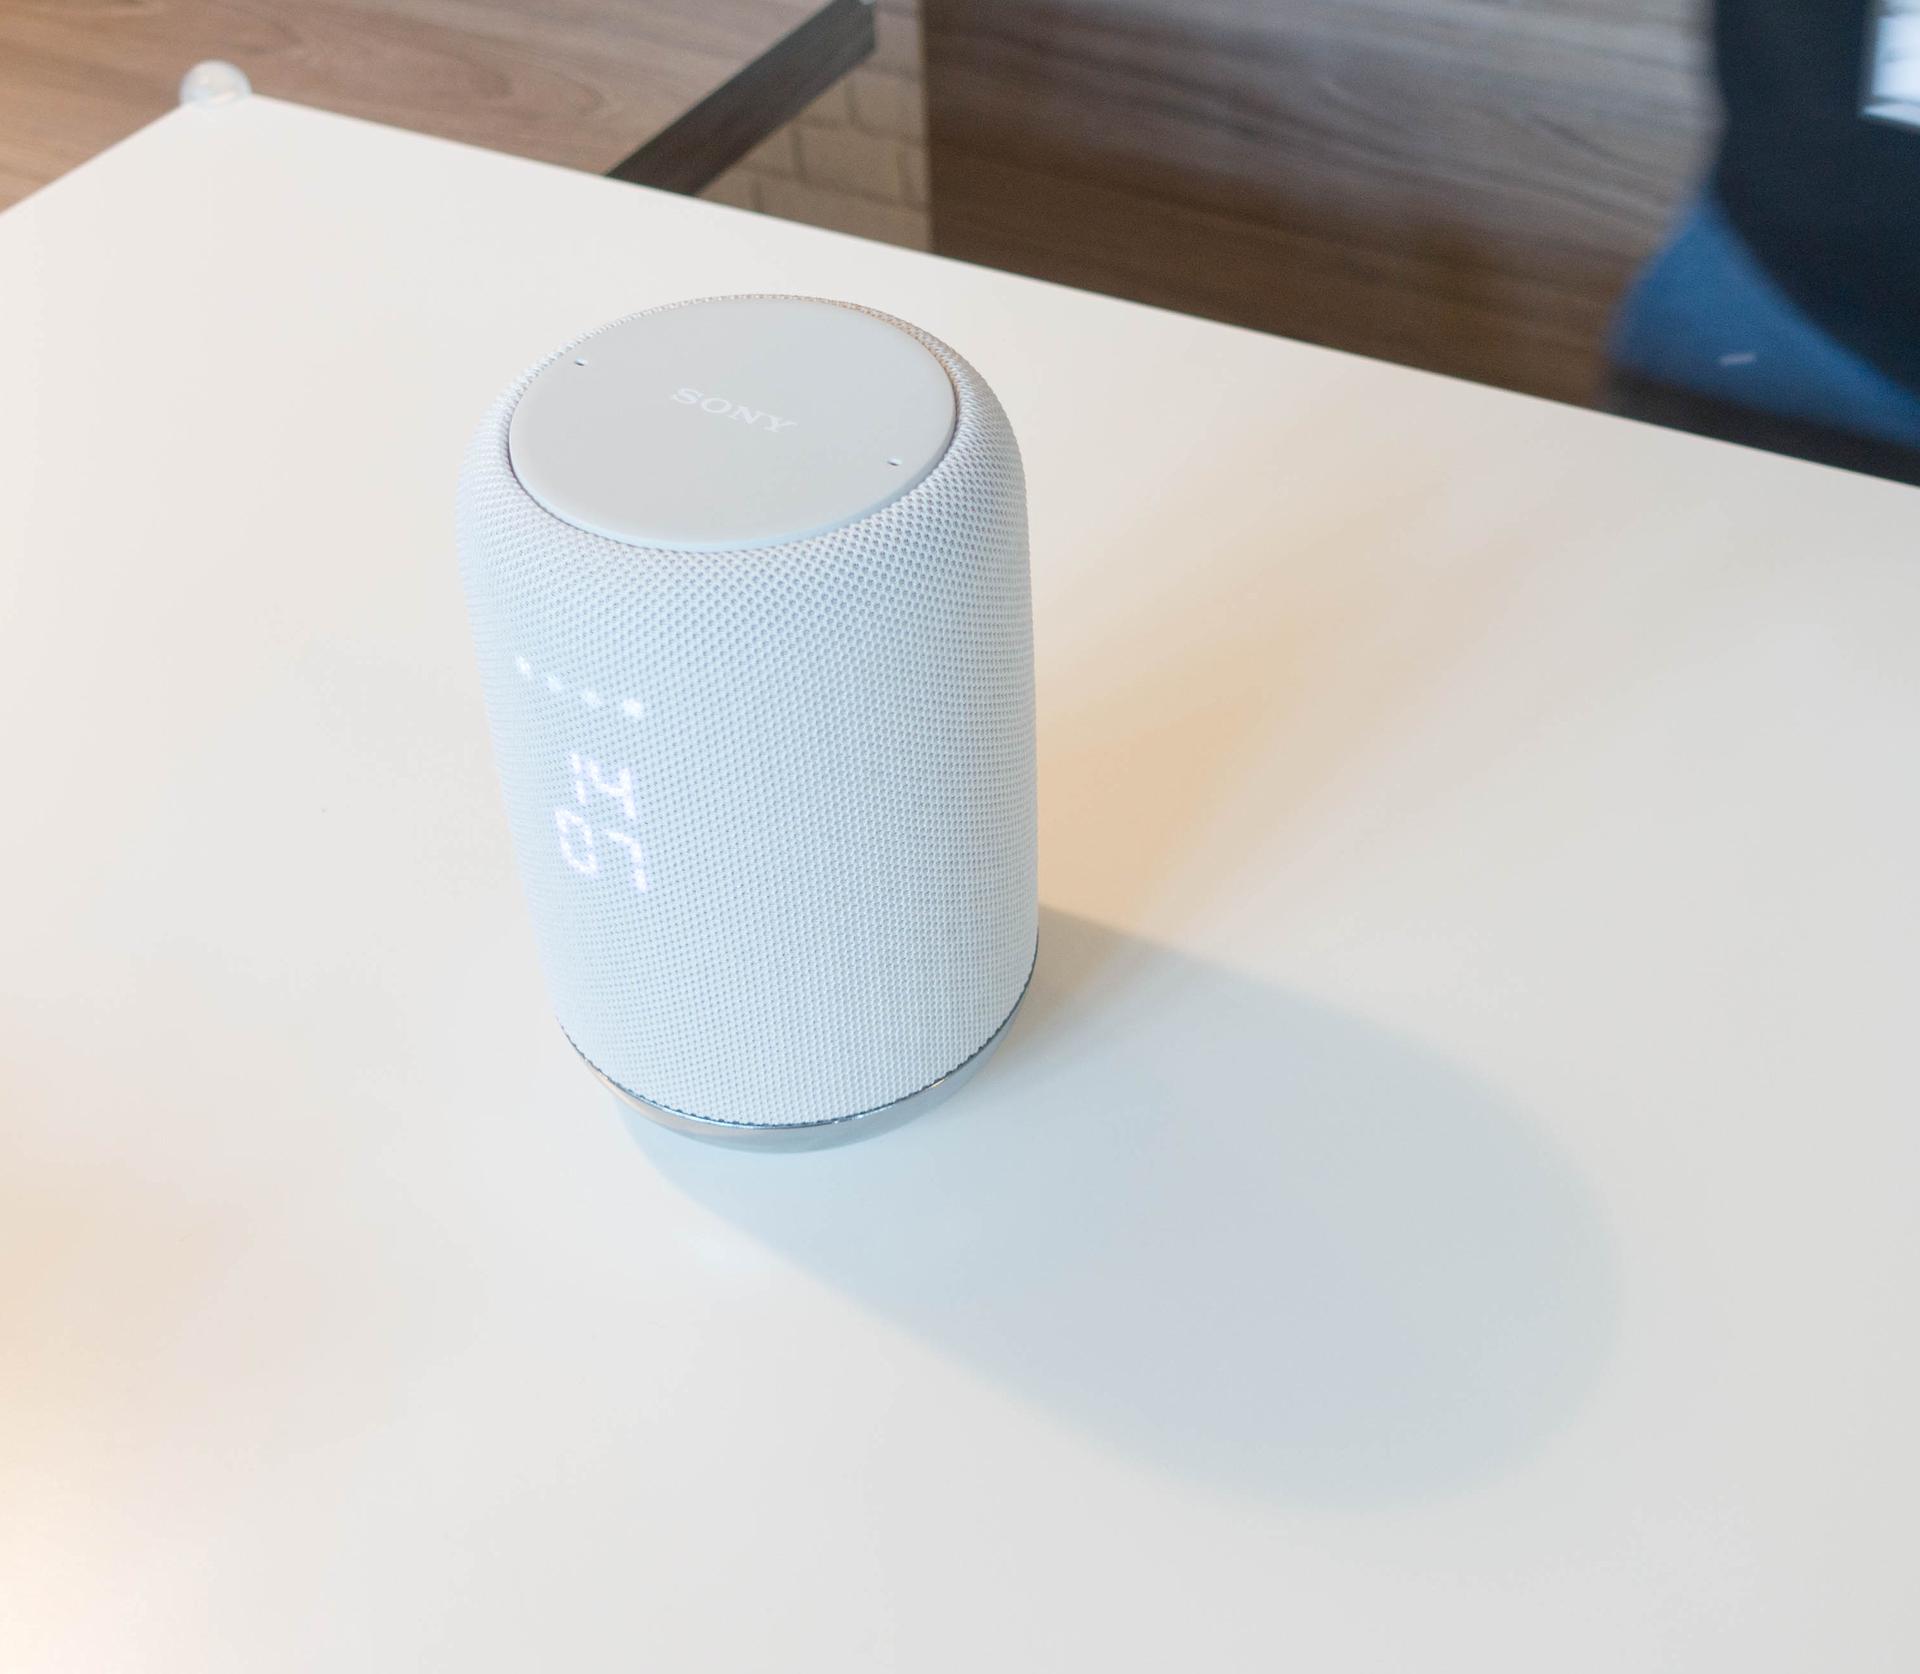 Alexa und Google Assistant: Der Wettkampf smarter Lautsprecher verändert sich - Sony LF-S50G (Bild: Ingo Pakalski/Golem.de)